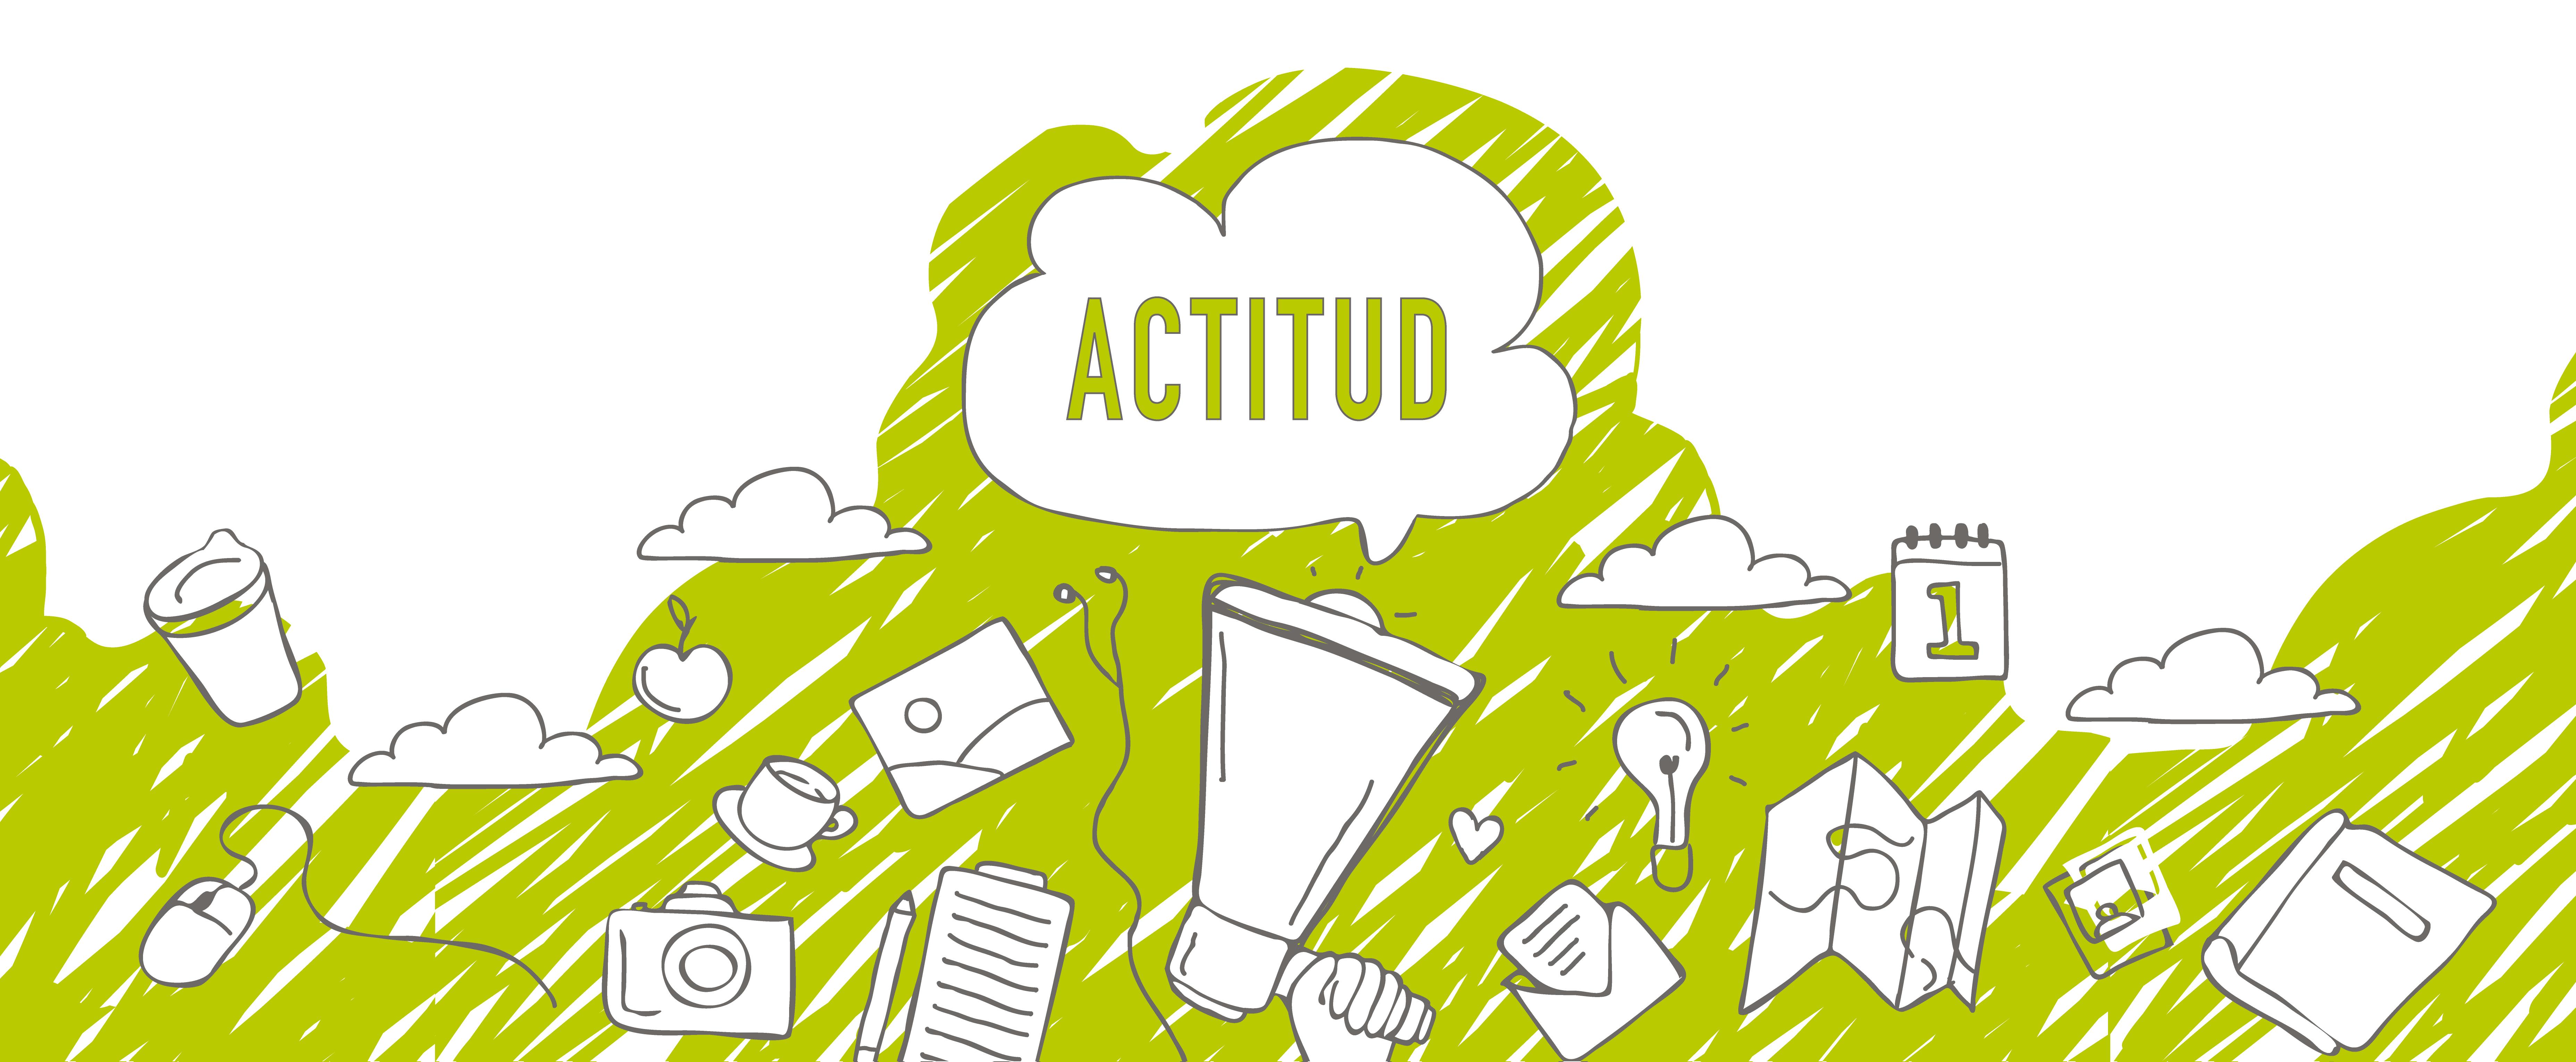 Nativos digitales: Cuestión de actitud